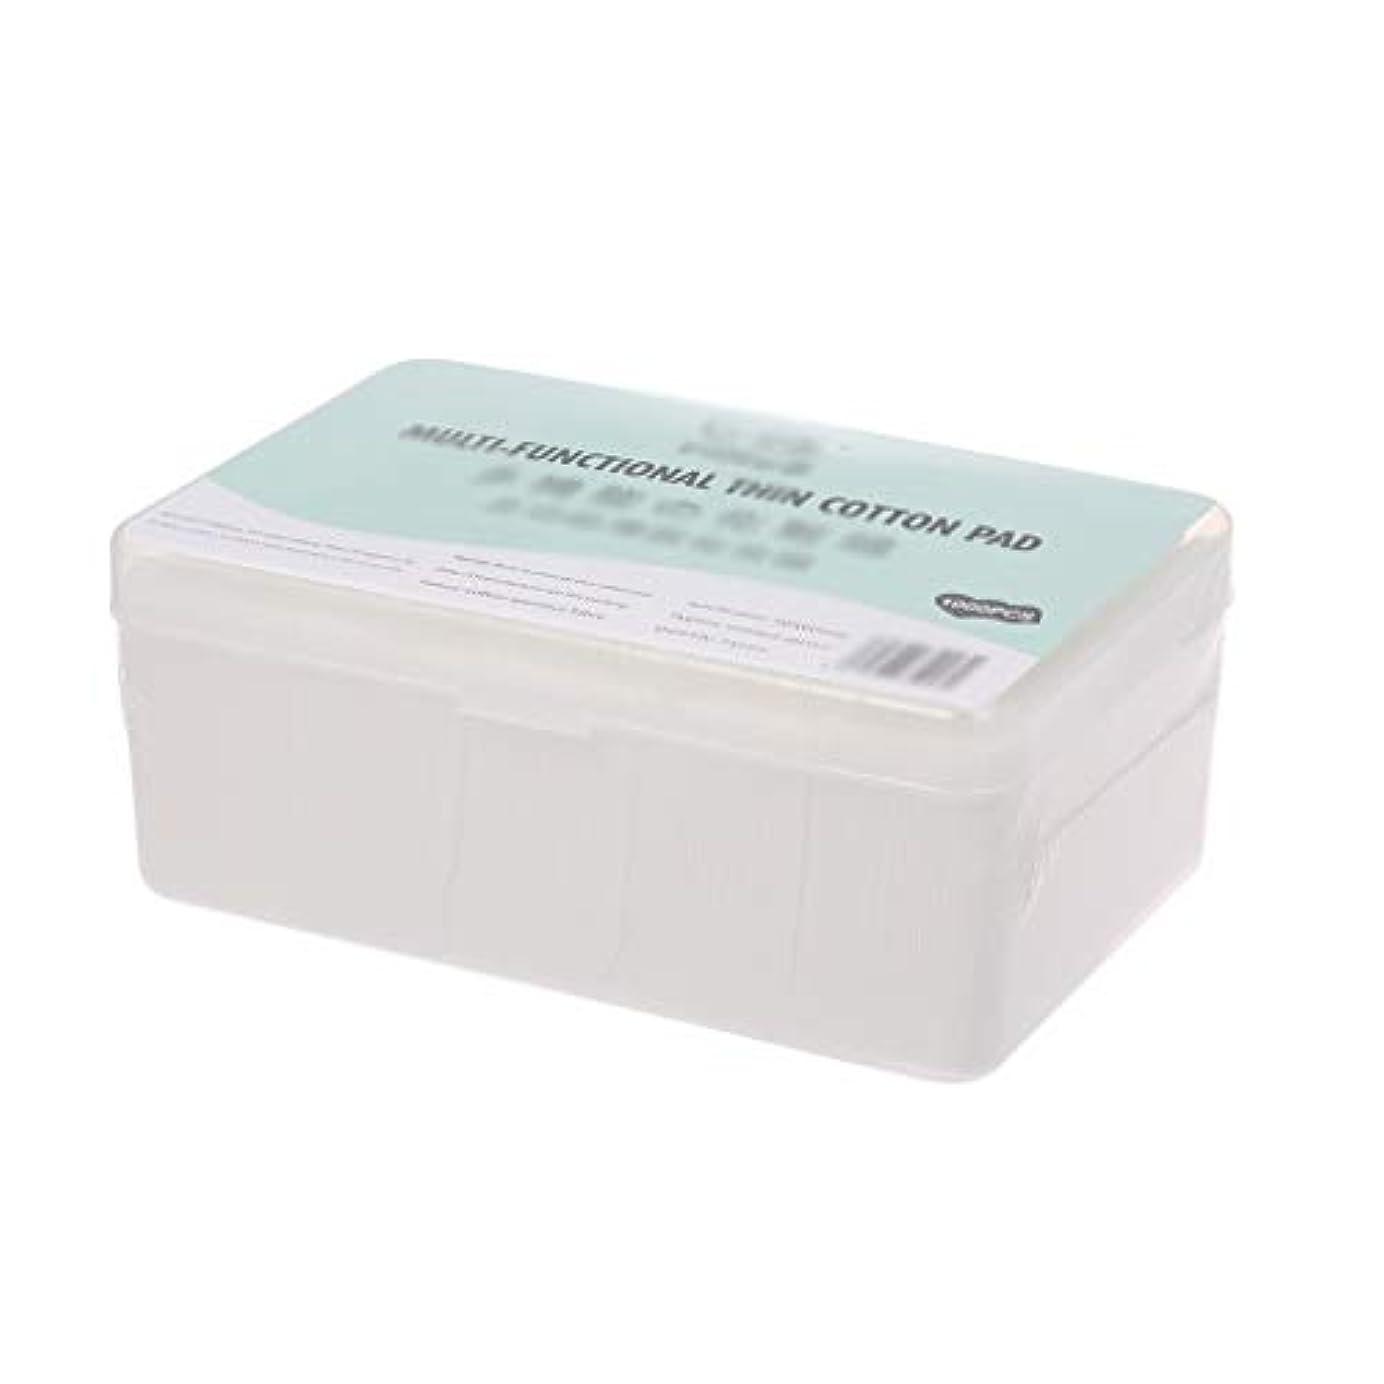 銀河熱帯の任意クレンジングシート 1000ピース箱入り使い捨て超薄型コットンメイク落としネイルポリッシュリムーバークレンジングティッシュペーパーペーパー (Color : White, サイズ : 5*6cm)